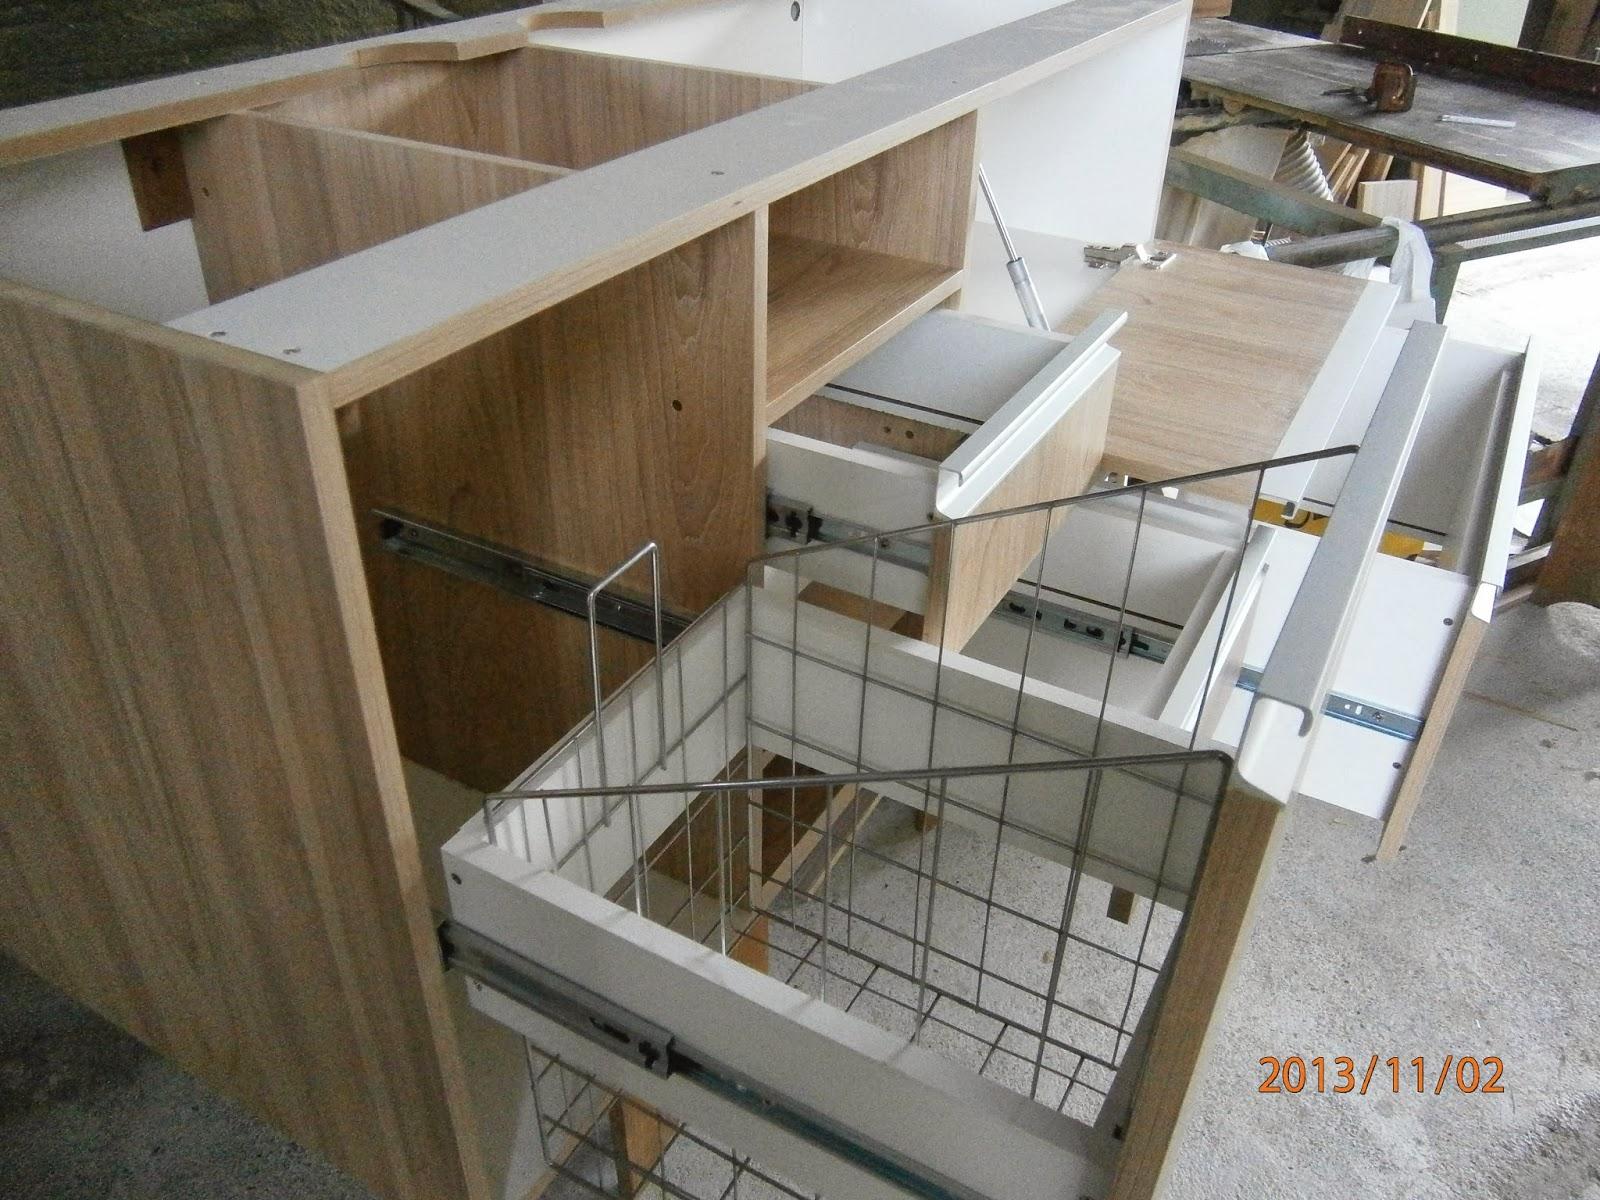 Móveis Sob Medida Jair F. Stocco: Banheiros #5E4E37 1600x1200 Armario Banheiro Suspenso